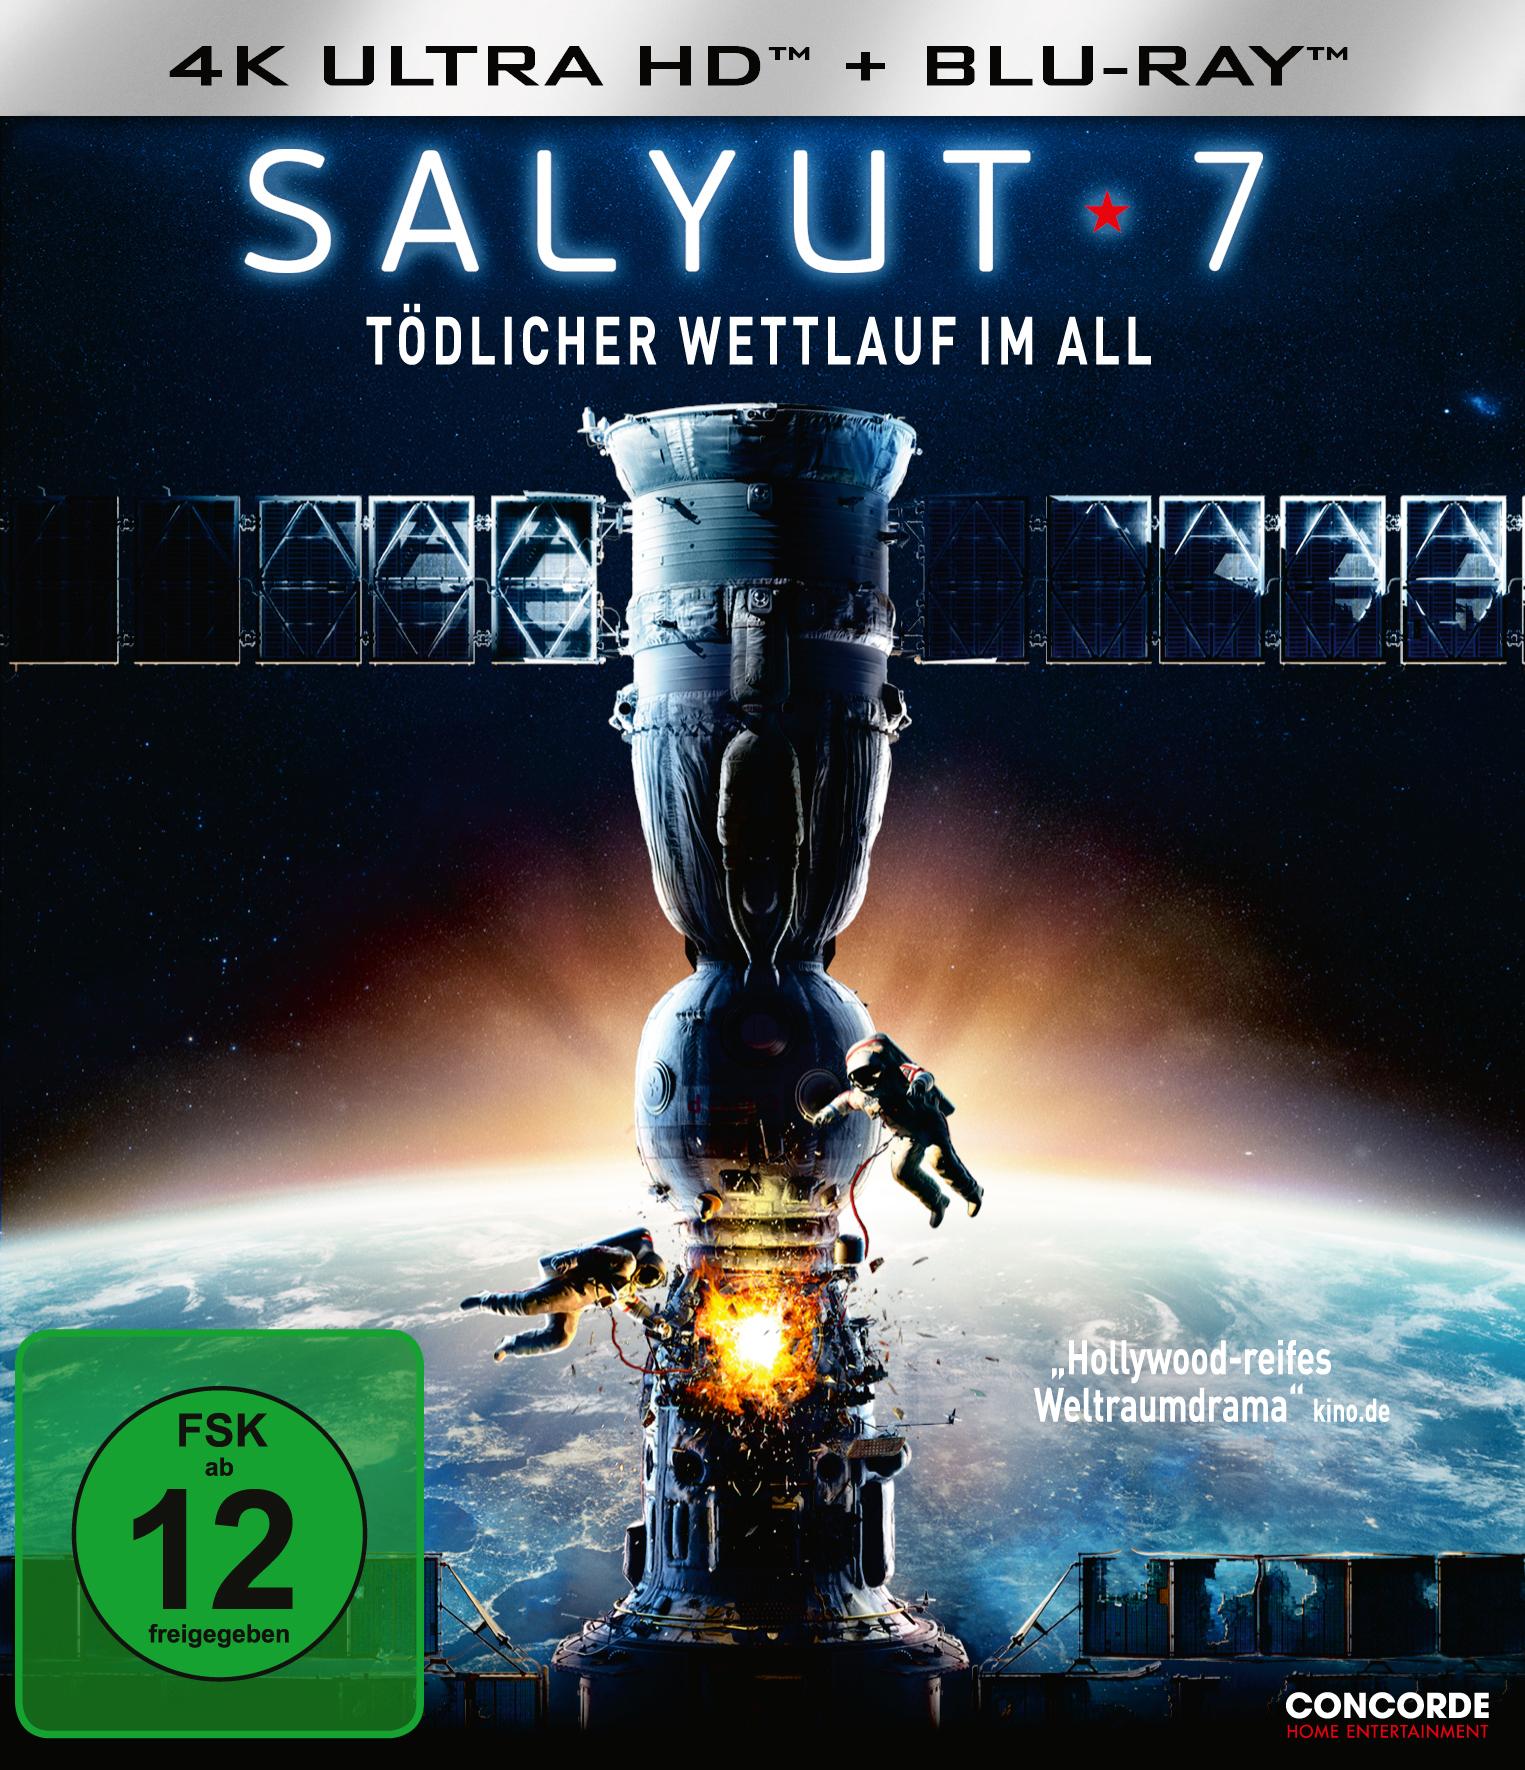 salyut-7 - tödlicher wettlauf im all